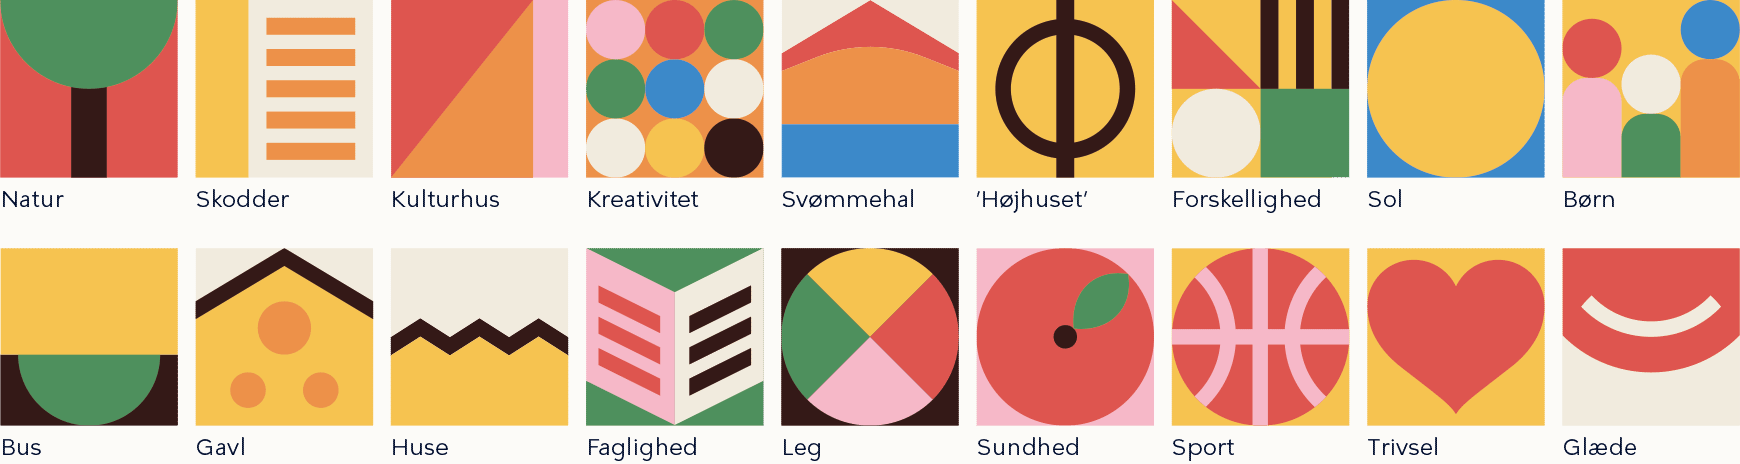 Ikoner til Tingbjerg designguide